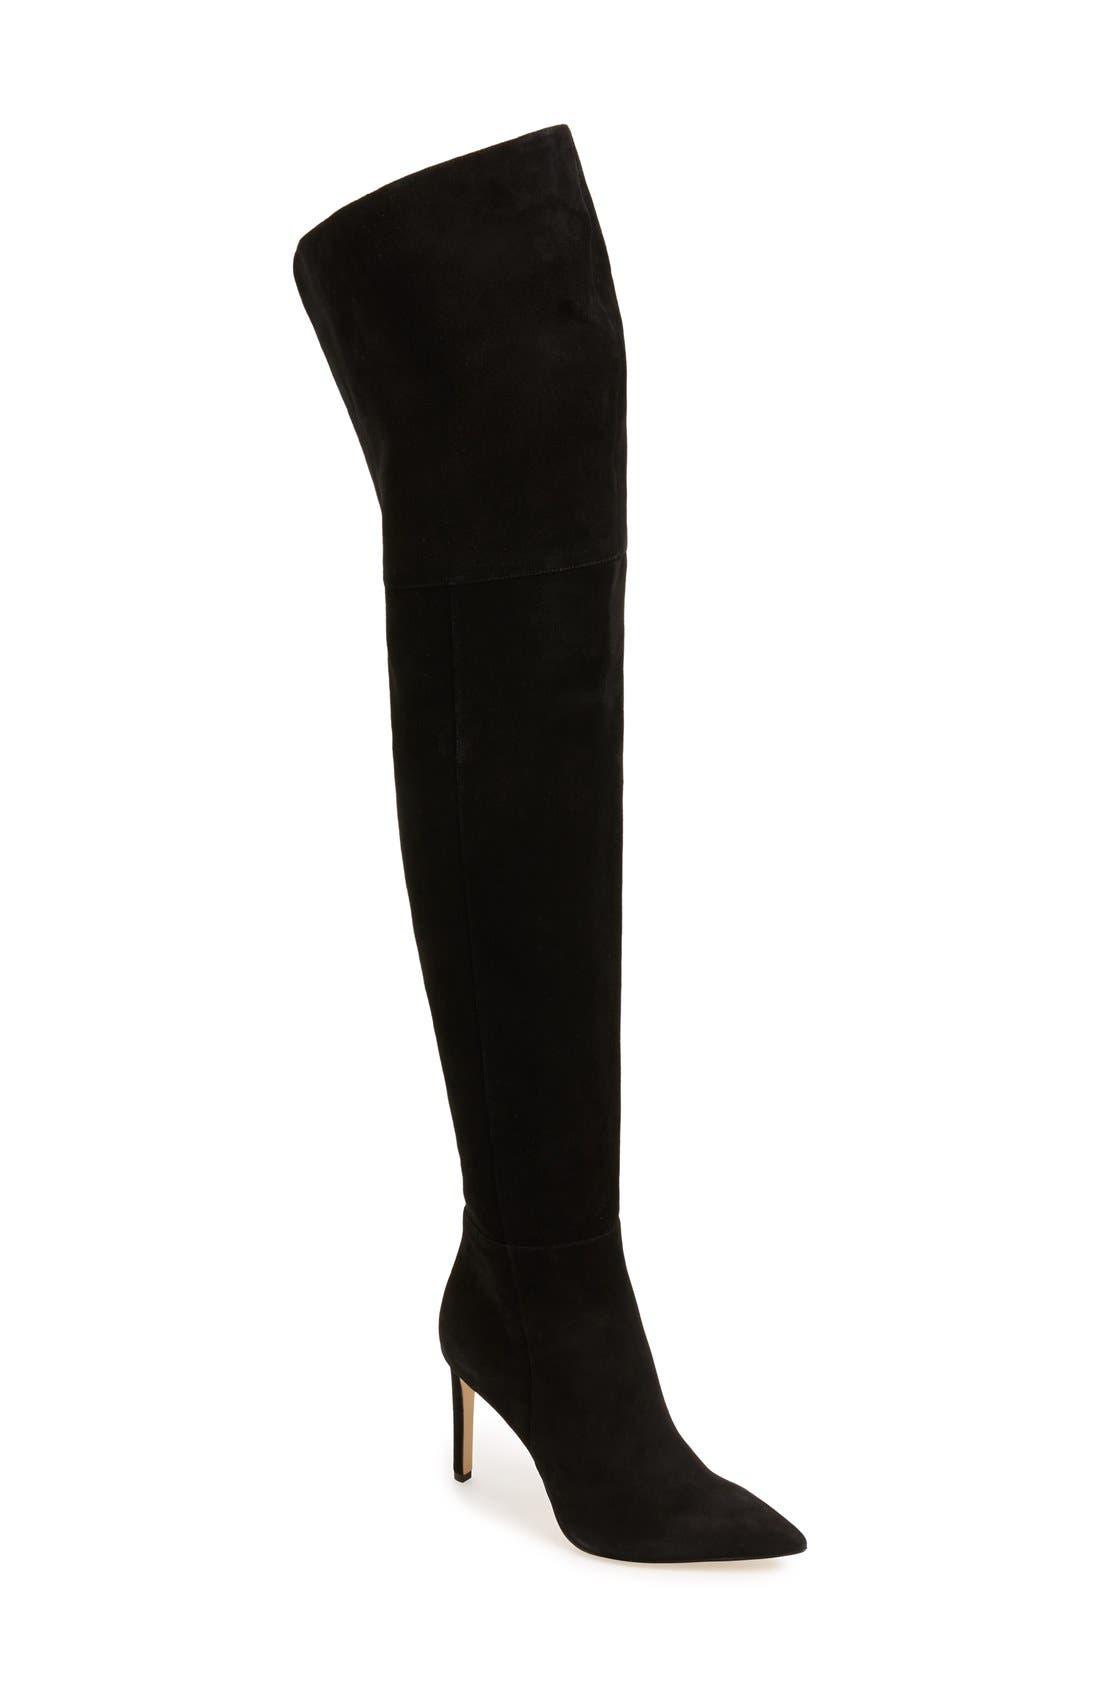 Alternate Image 1 Selected - Sam Edelman Bernadette Over the Knee Boot (Women)